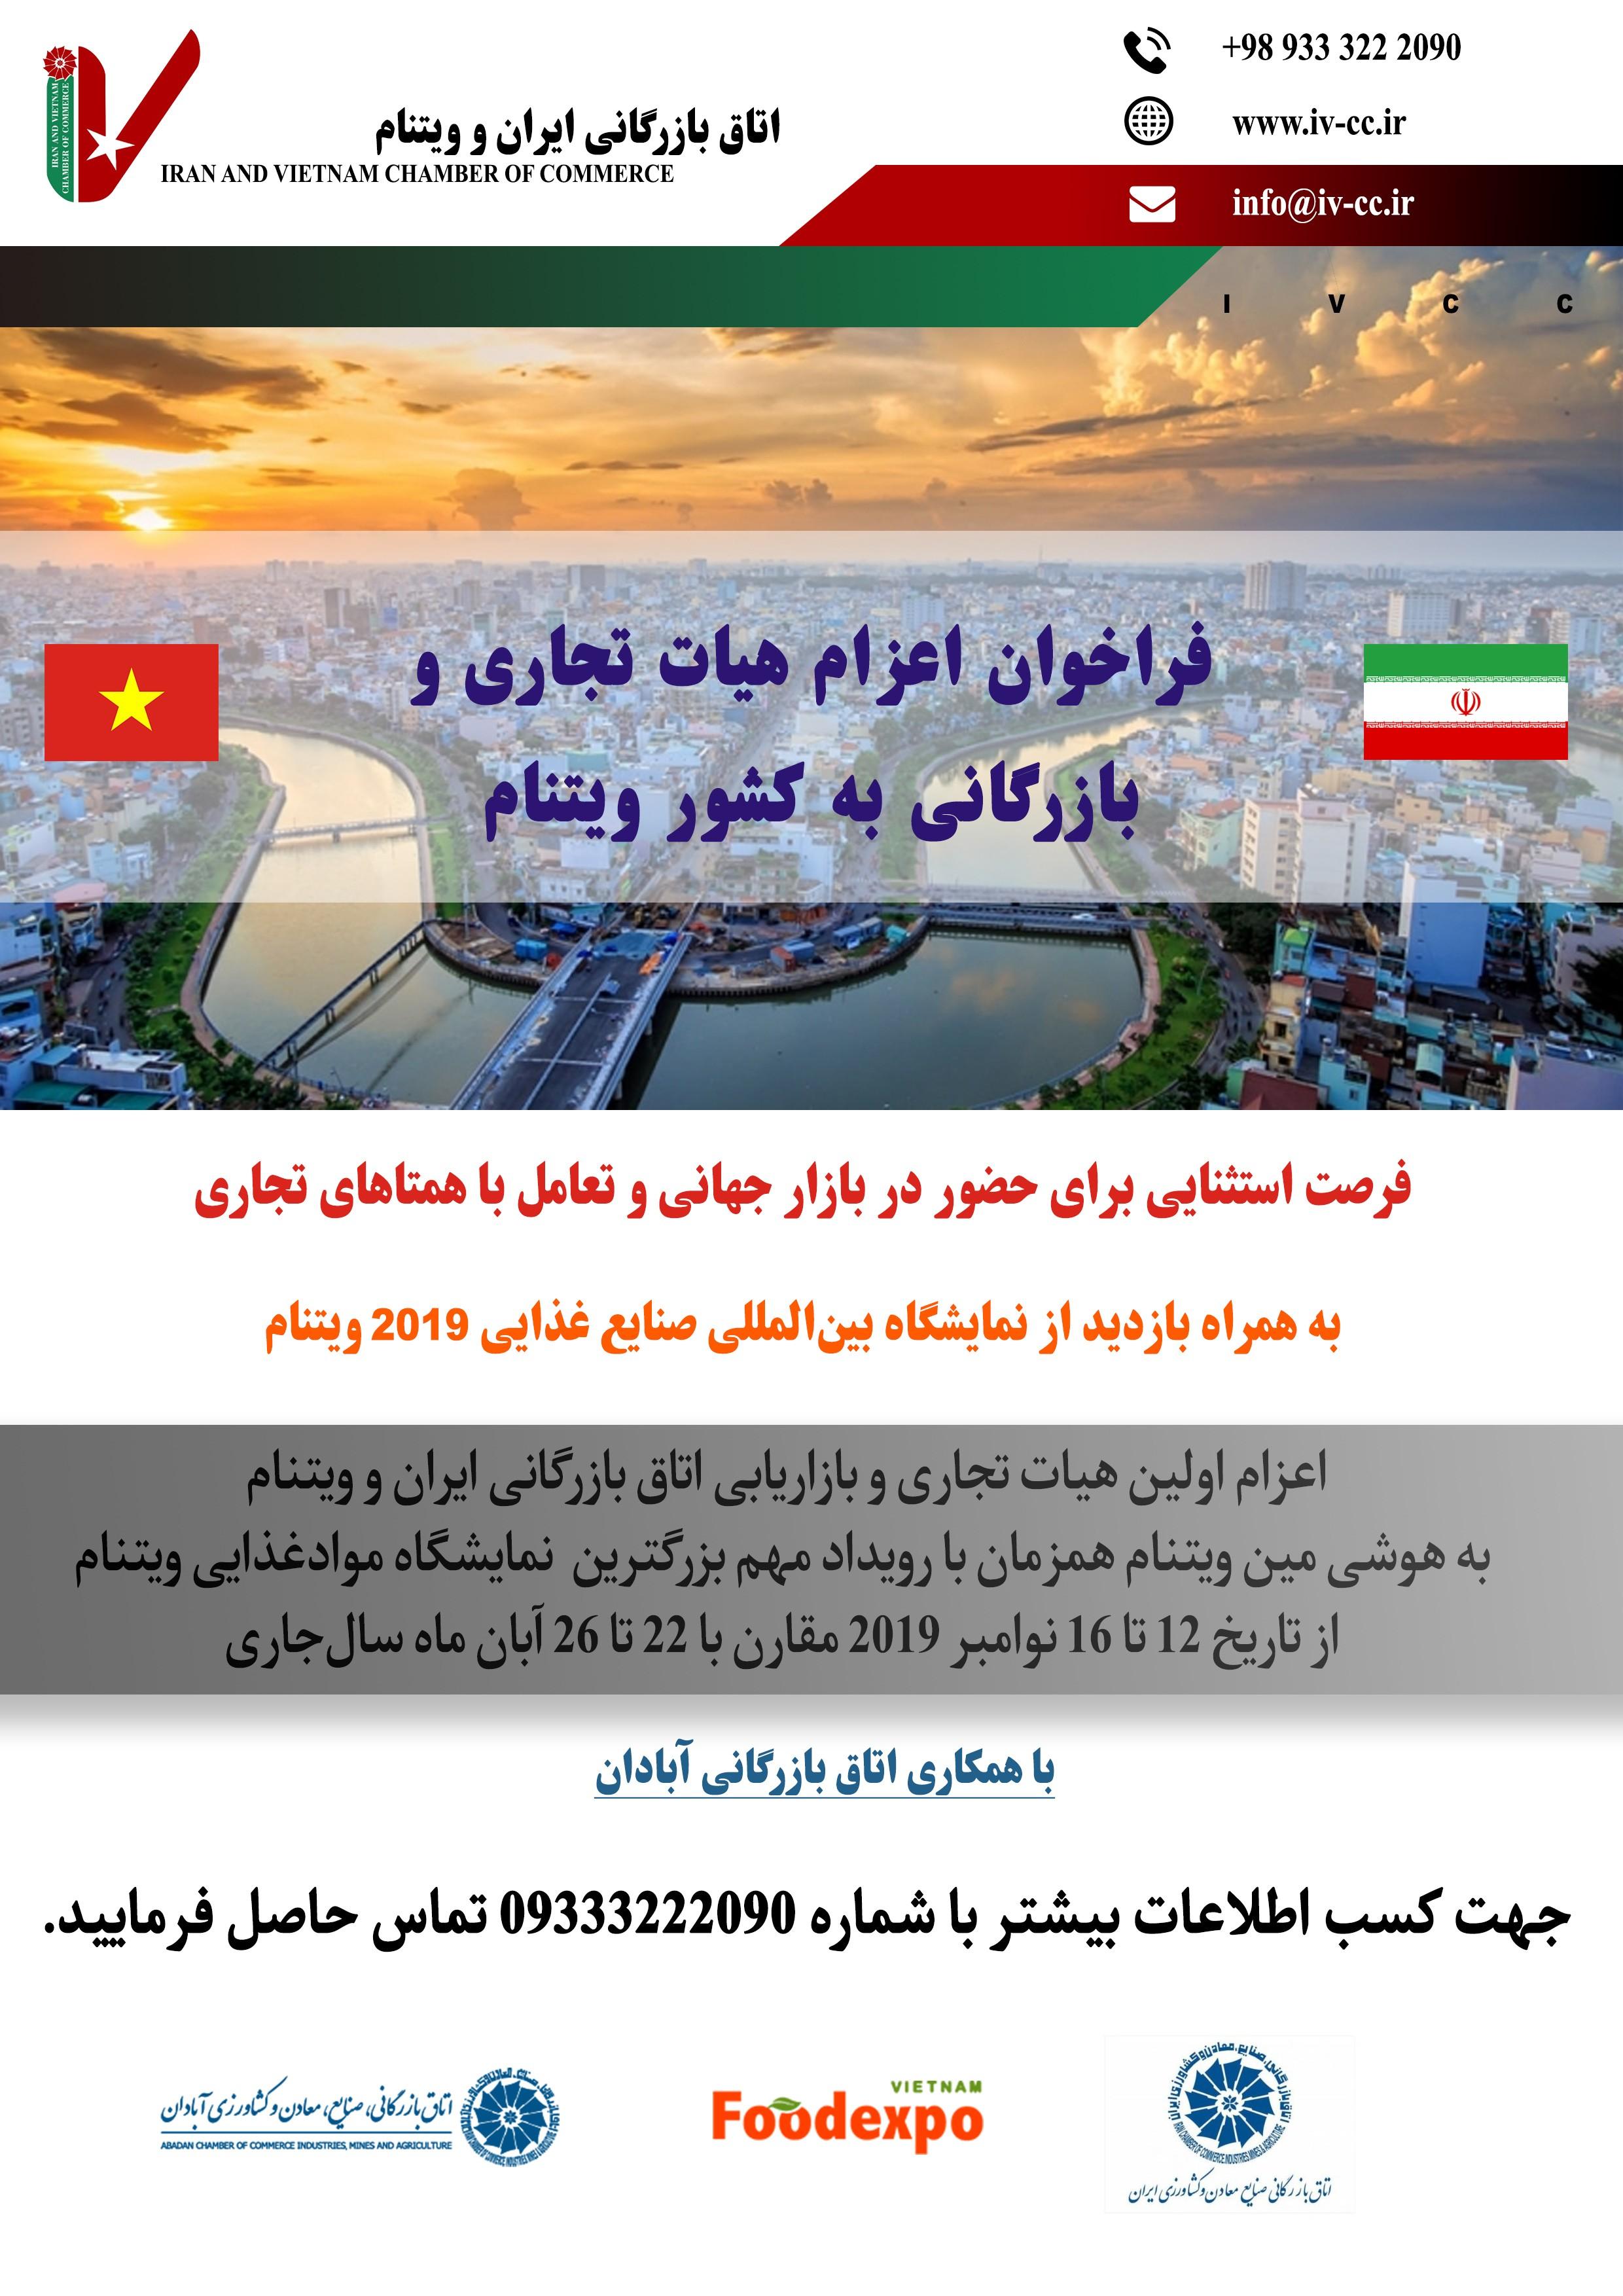 اعزام هیأت به ویتنام توسط اتاق مشترک ایران و ویتنام